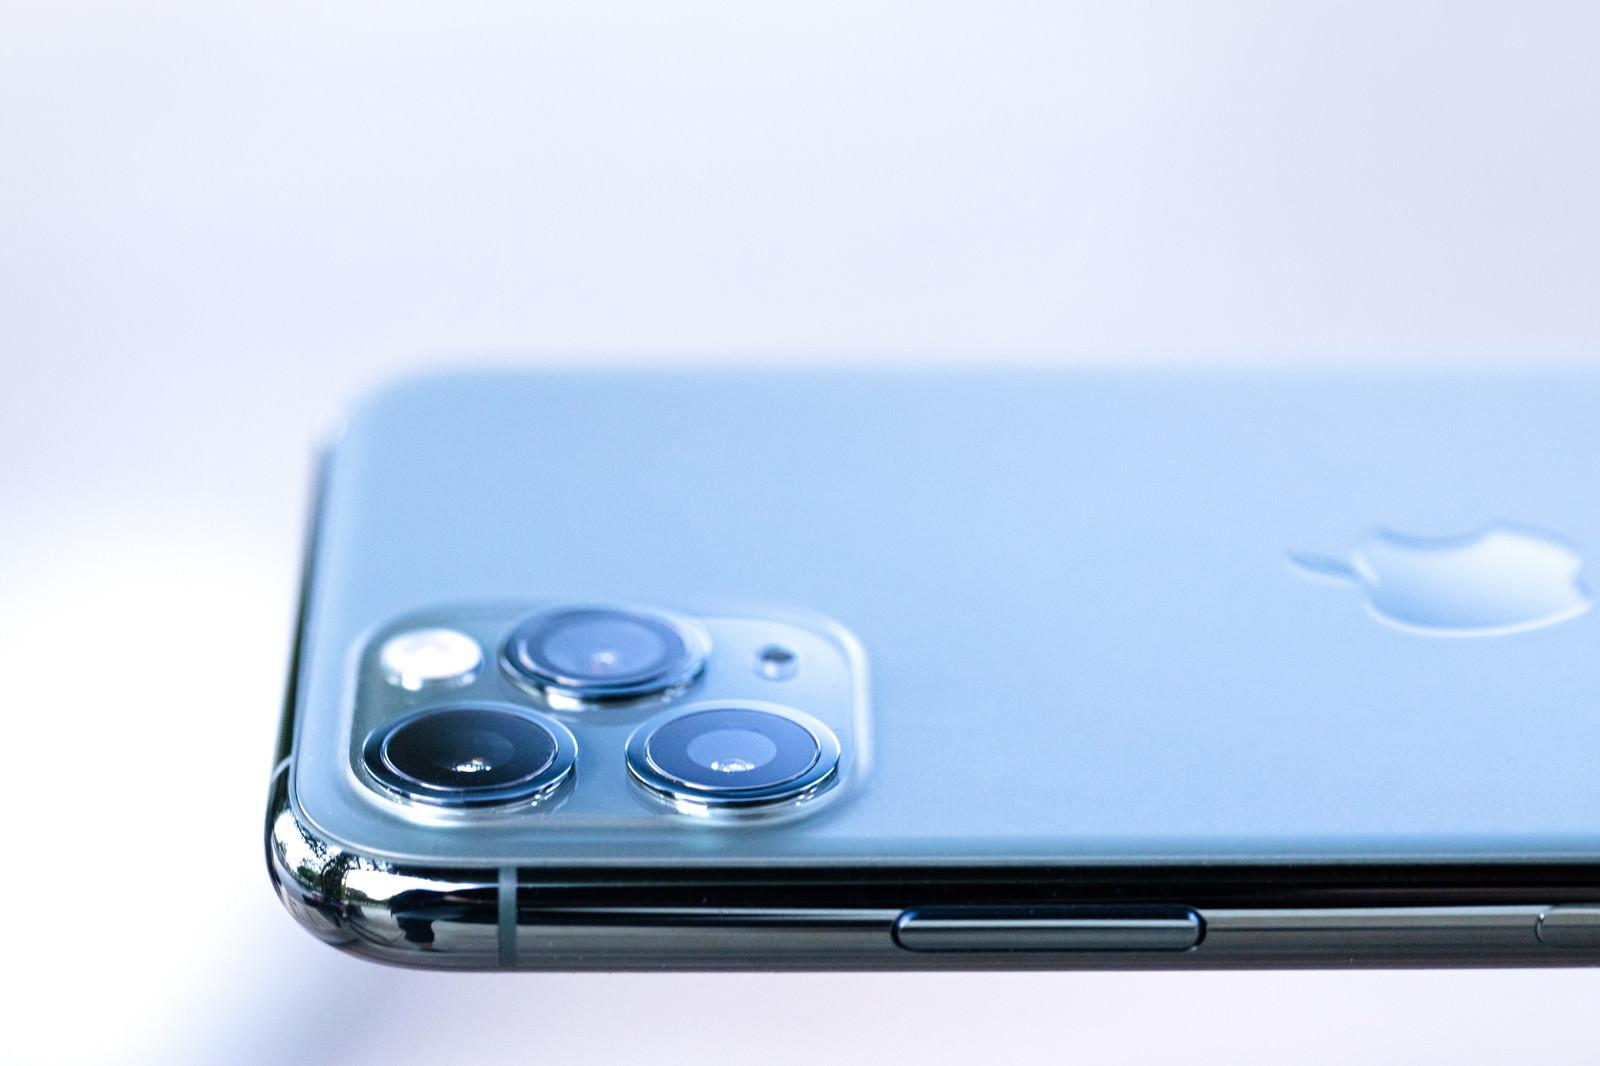 「美しい iPhone 11 Pro のトリプルカメラ」の写真